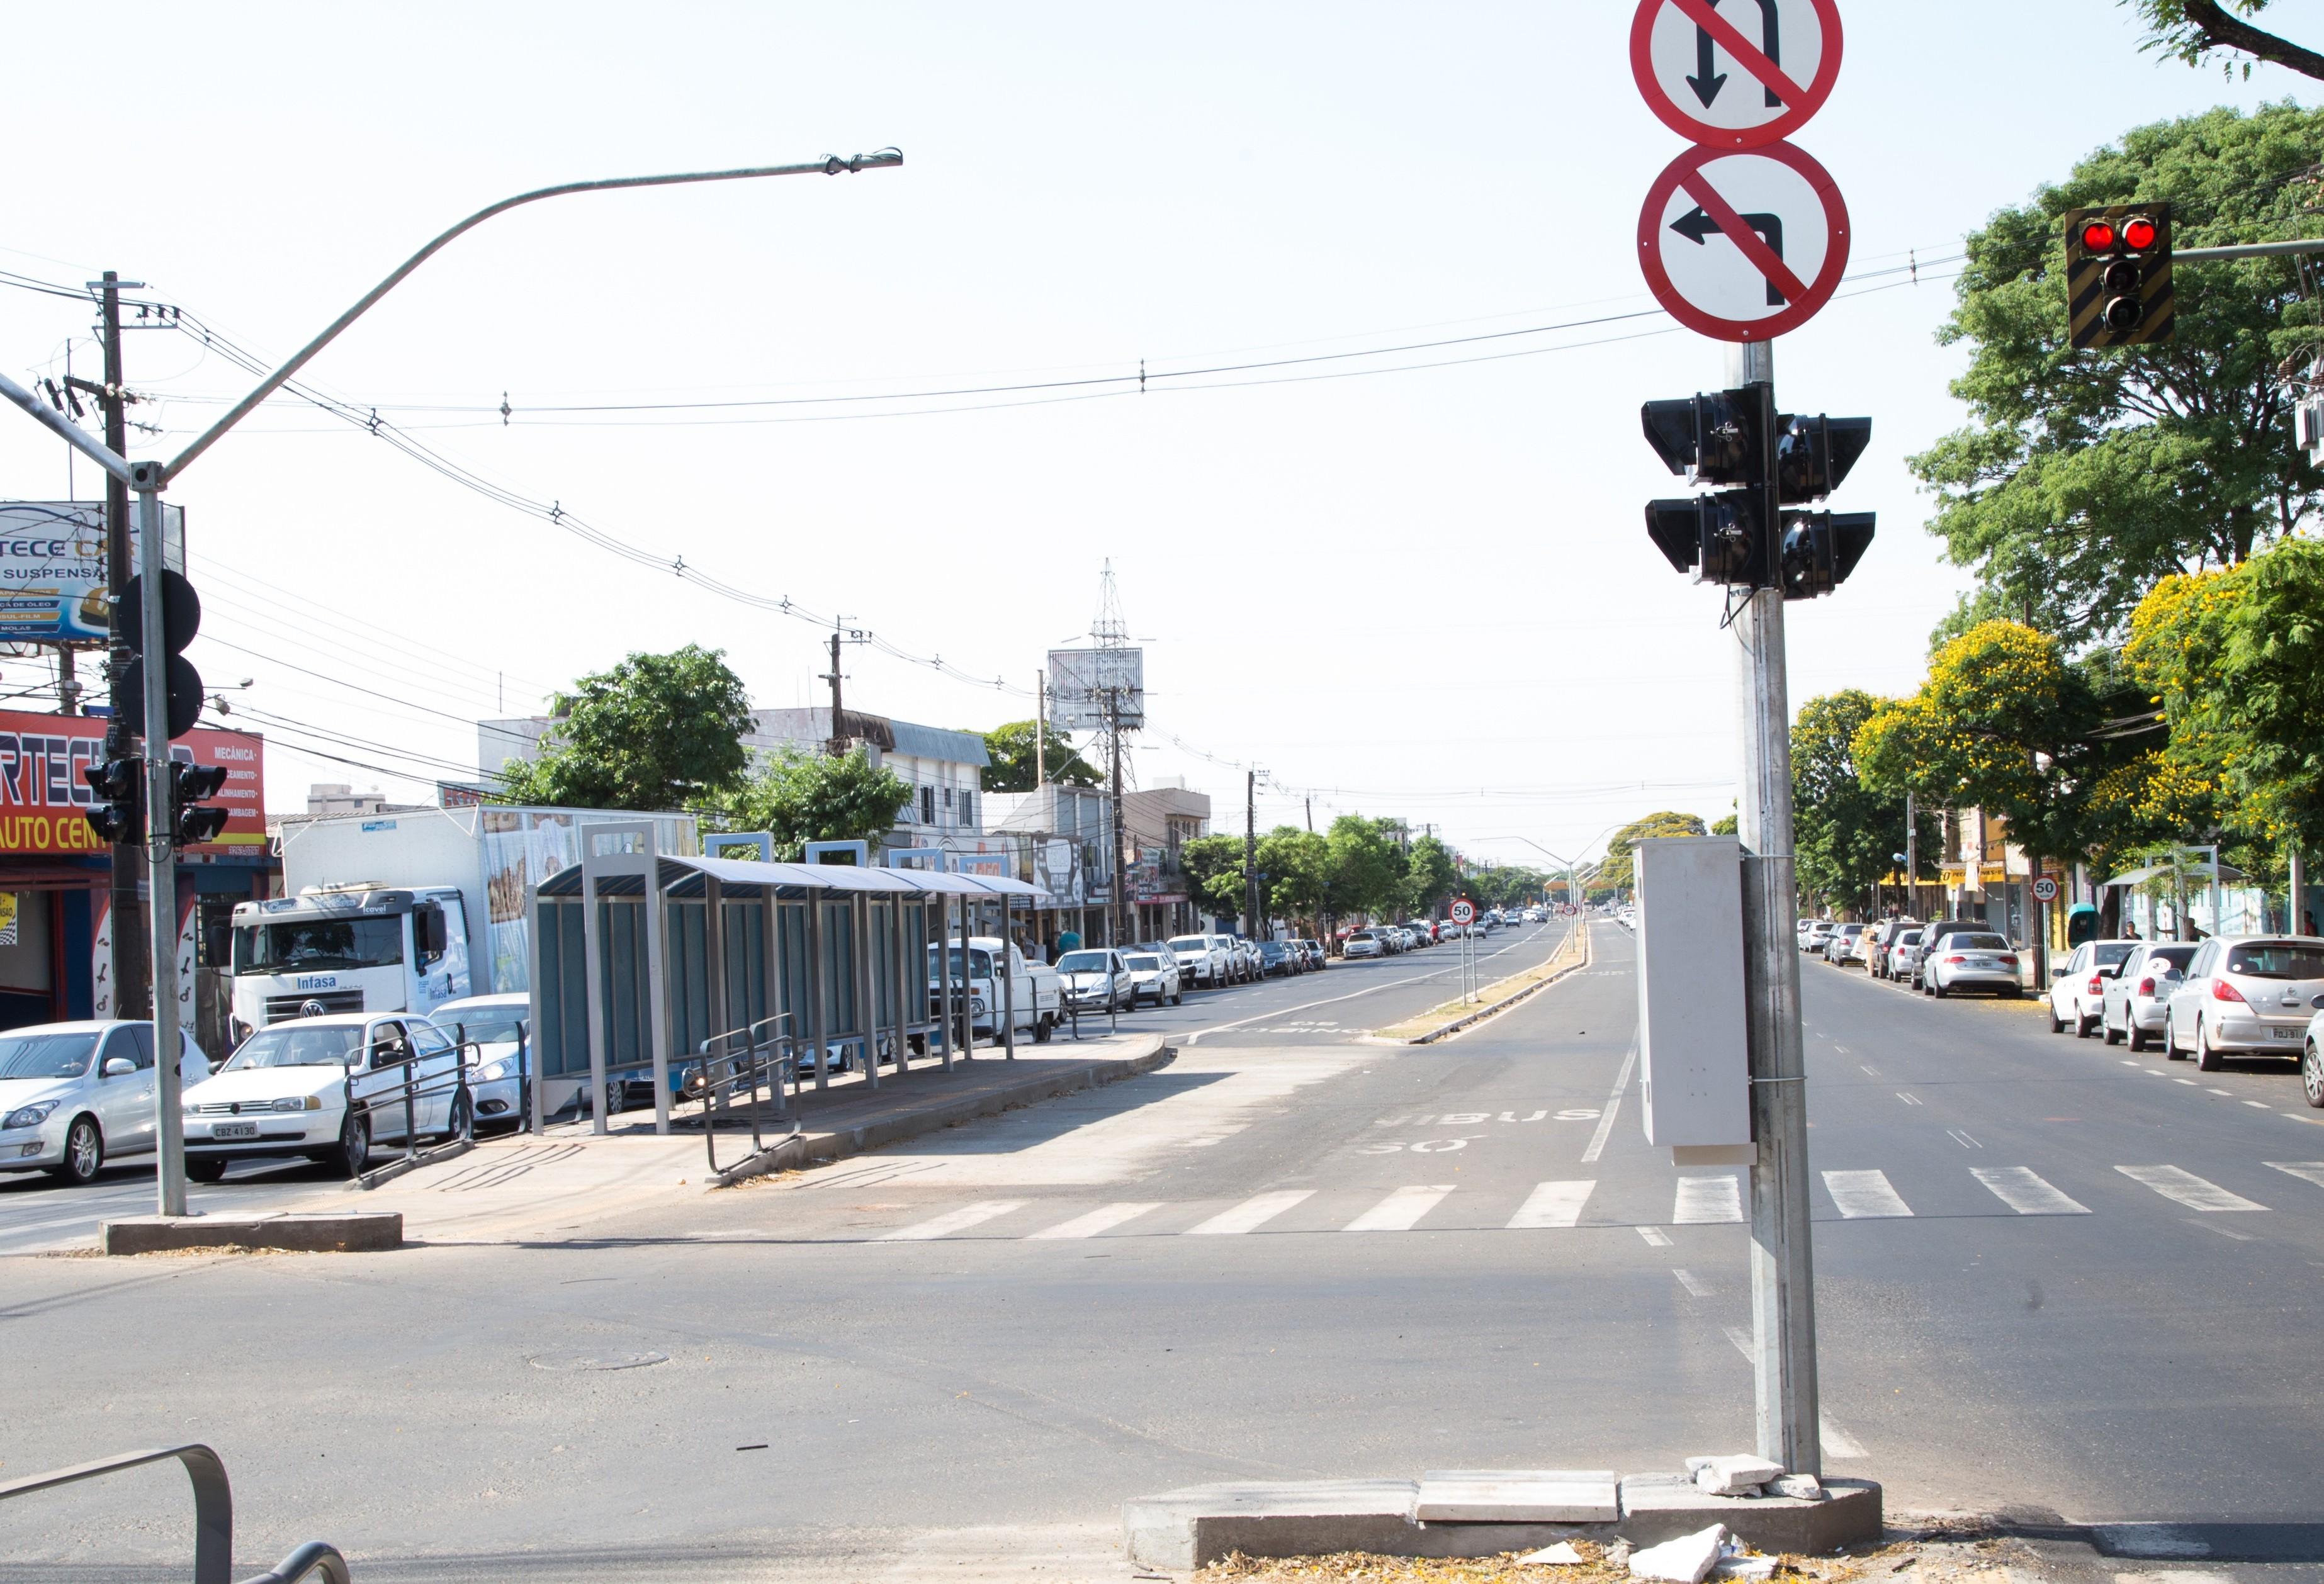 Corredor para ônibus começa a funcionar na segunda-feira (05)